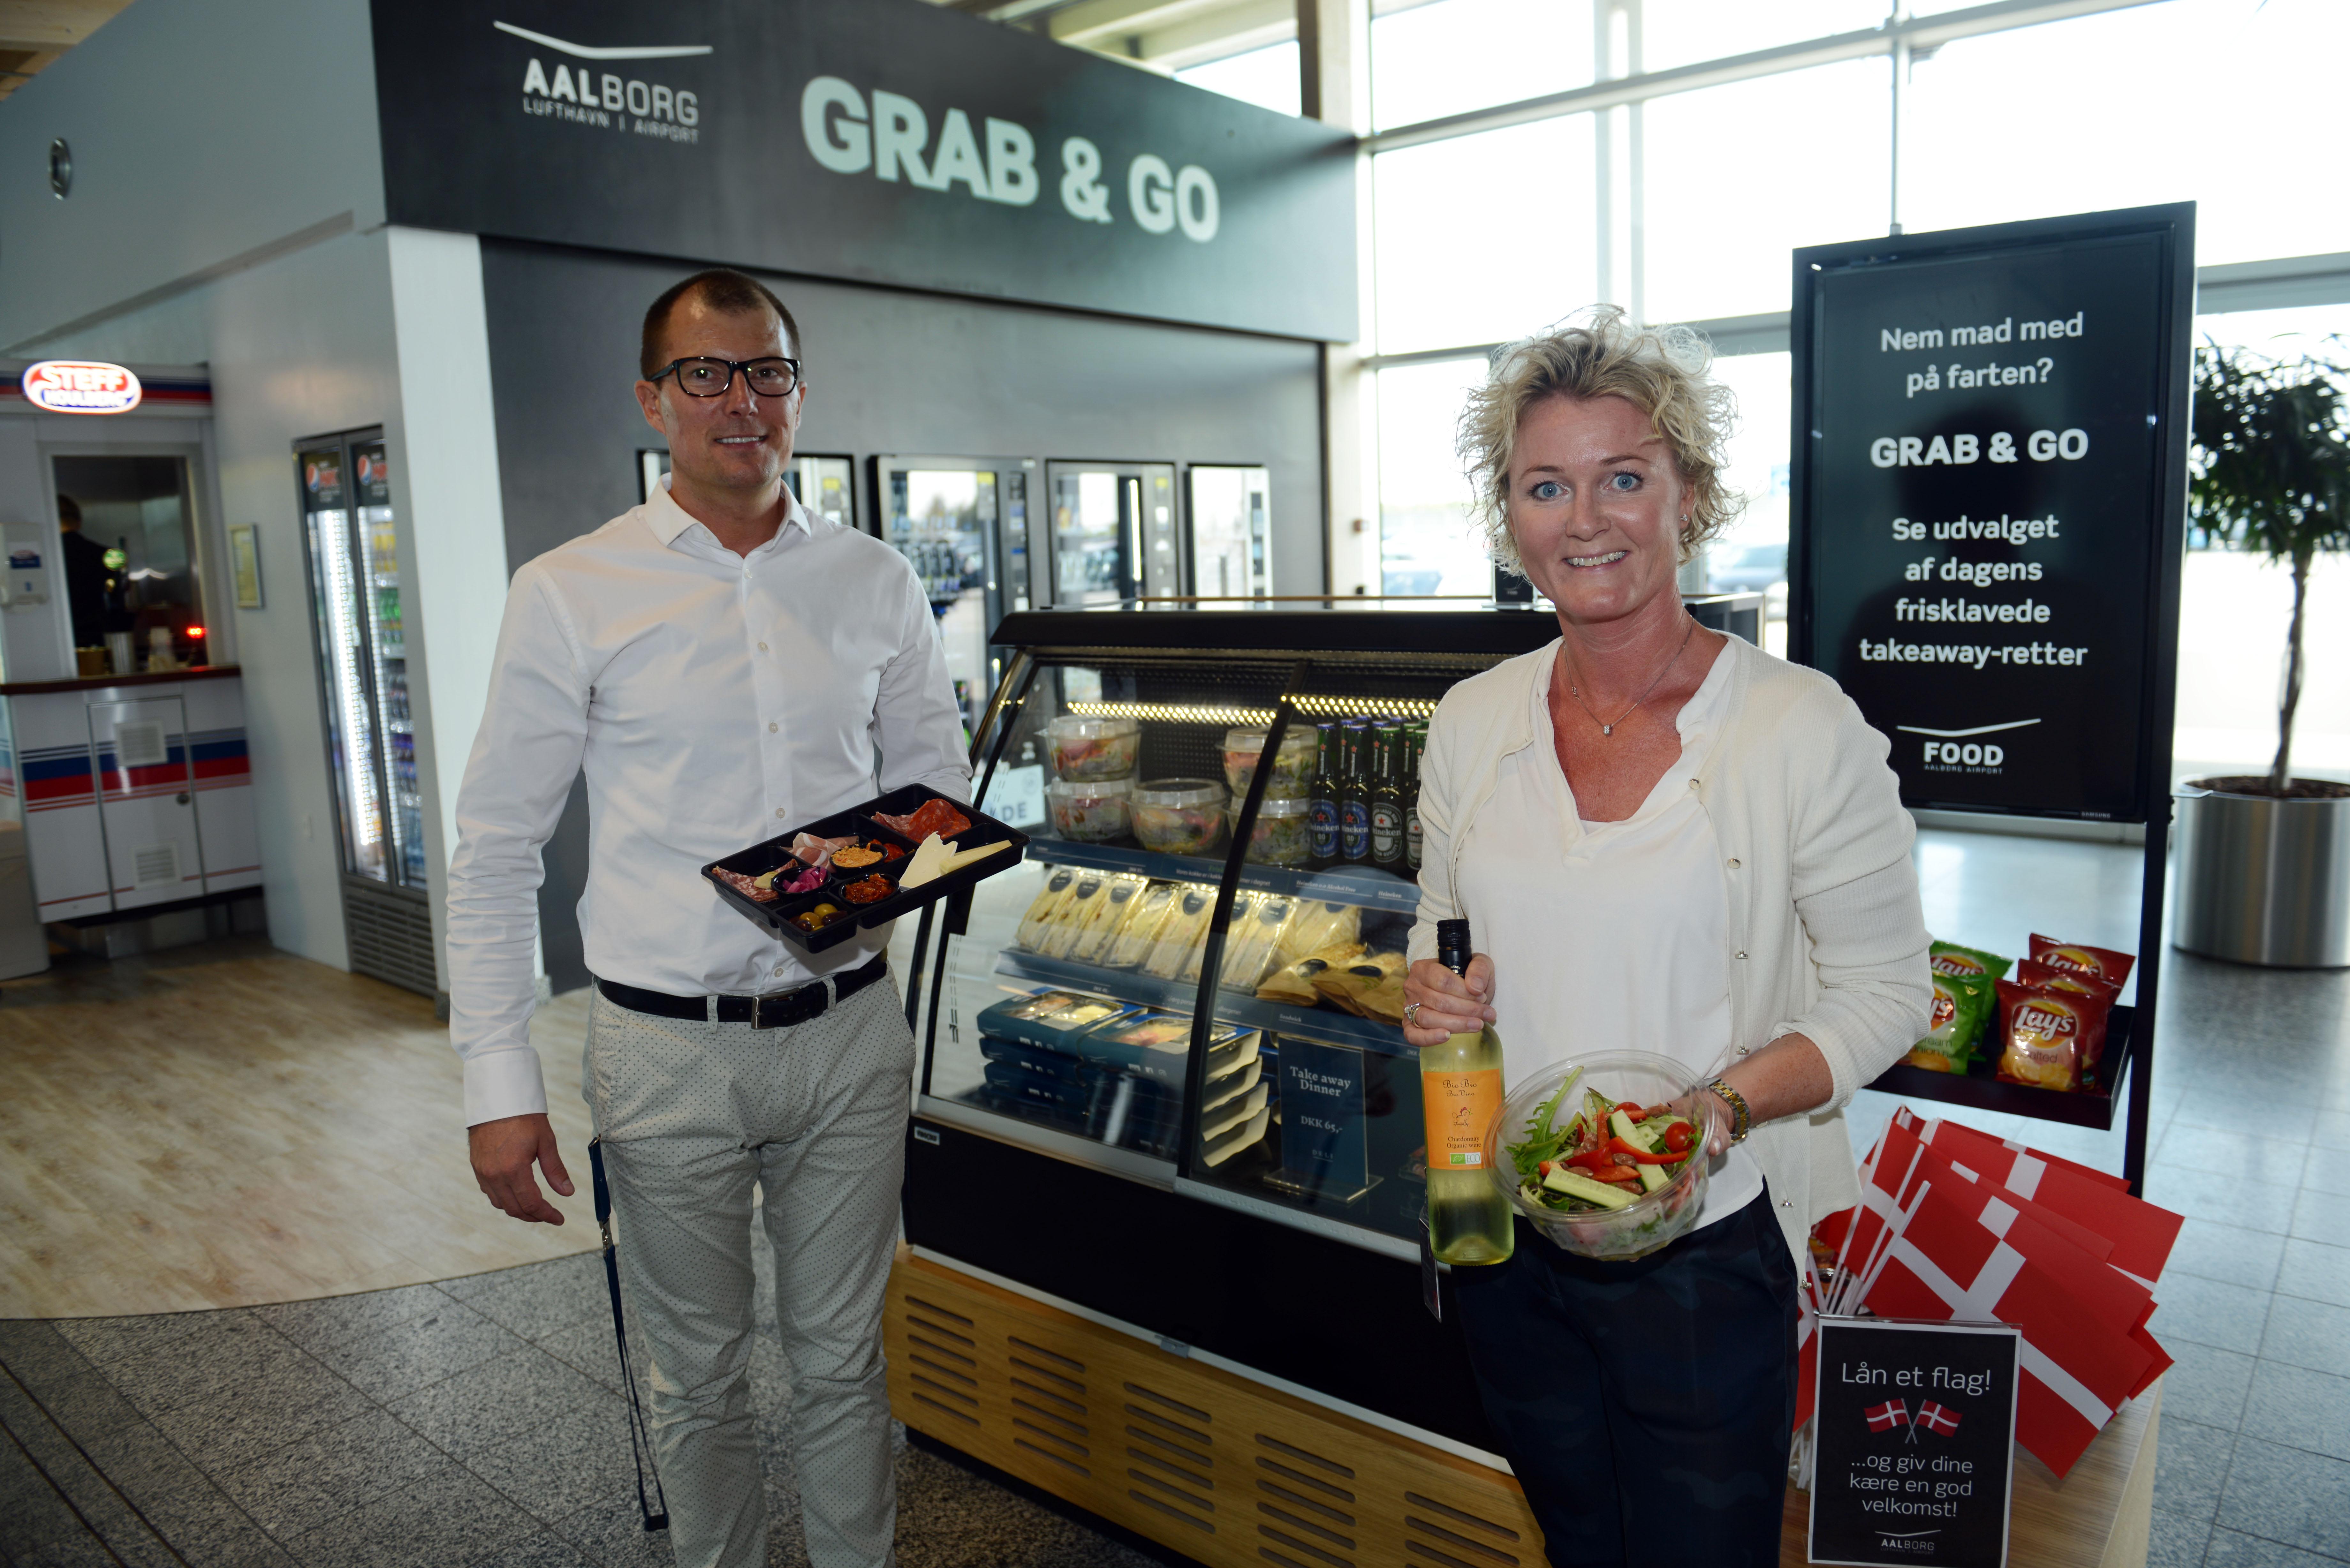 """Head of food Eddi Hvis og marketingdirektør Rikke Mølgaard i Aalborg Lufthavn viser frem nogle af produkterne man kan købe i det nye """"Grab & Go"""" koncept. (Foto: Joakim J. Hvistendahl)"""